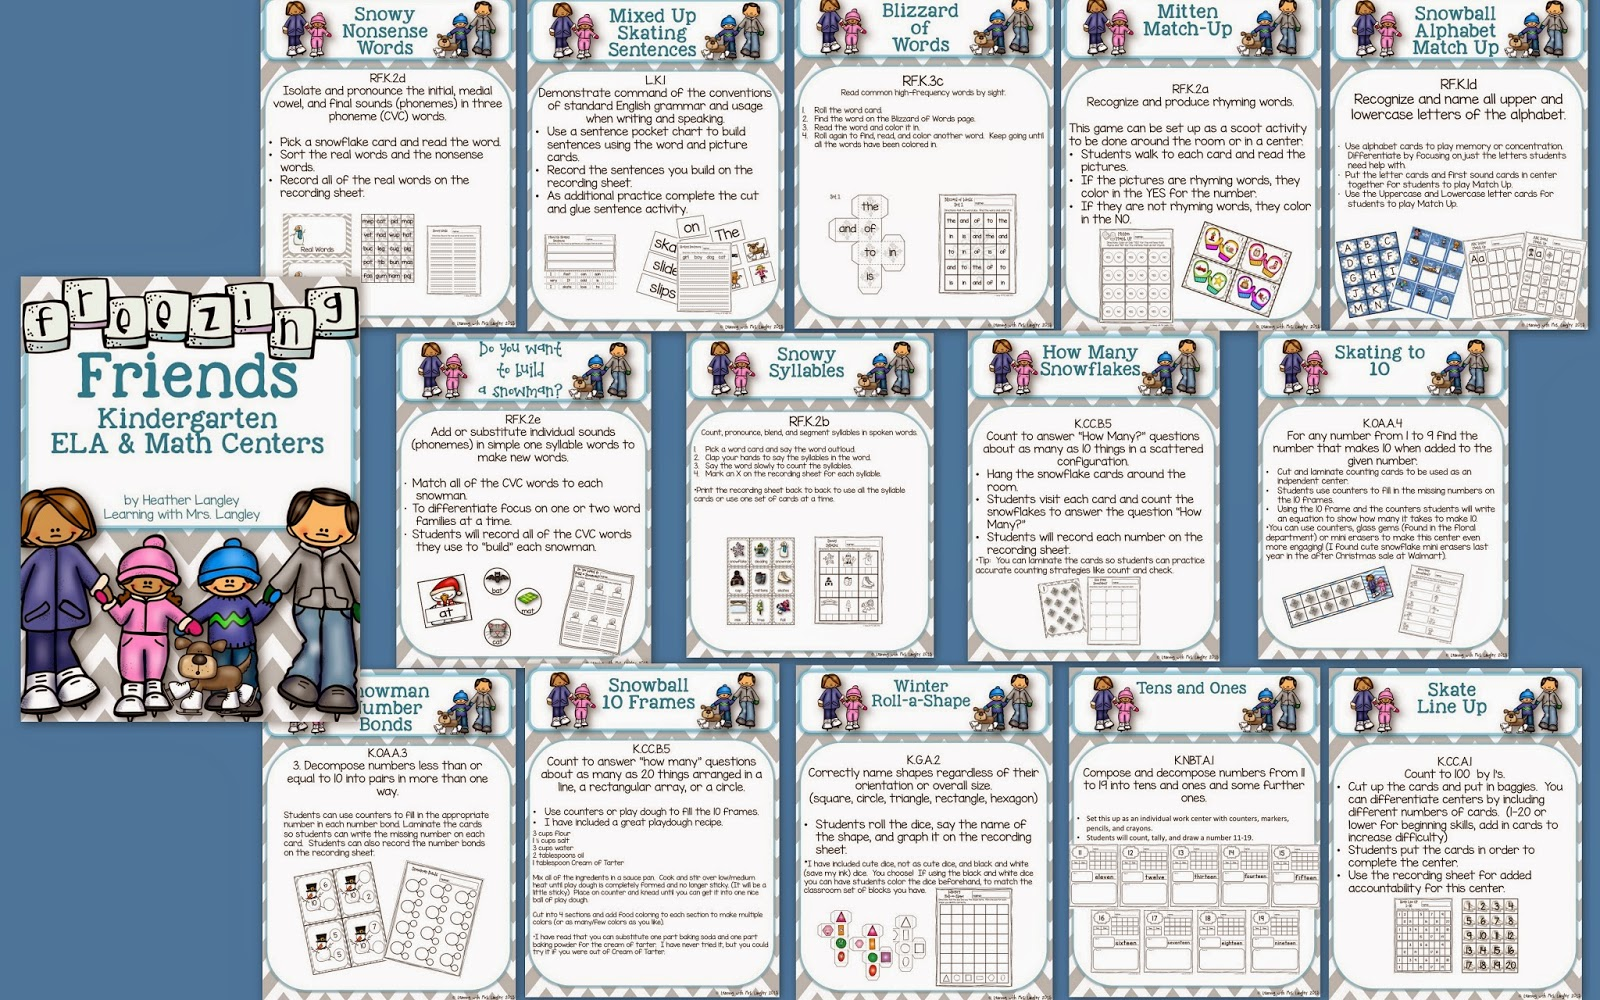 http://www.teacherspayteachers.com/Product/Freezing-Friends-ELA-and-Math-Centers-for-KINDERGARTEN-1654754